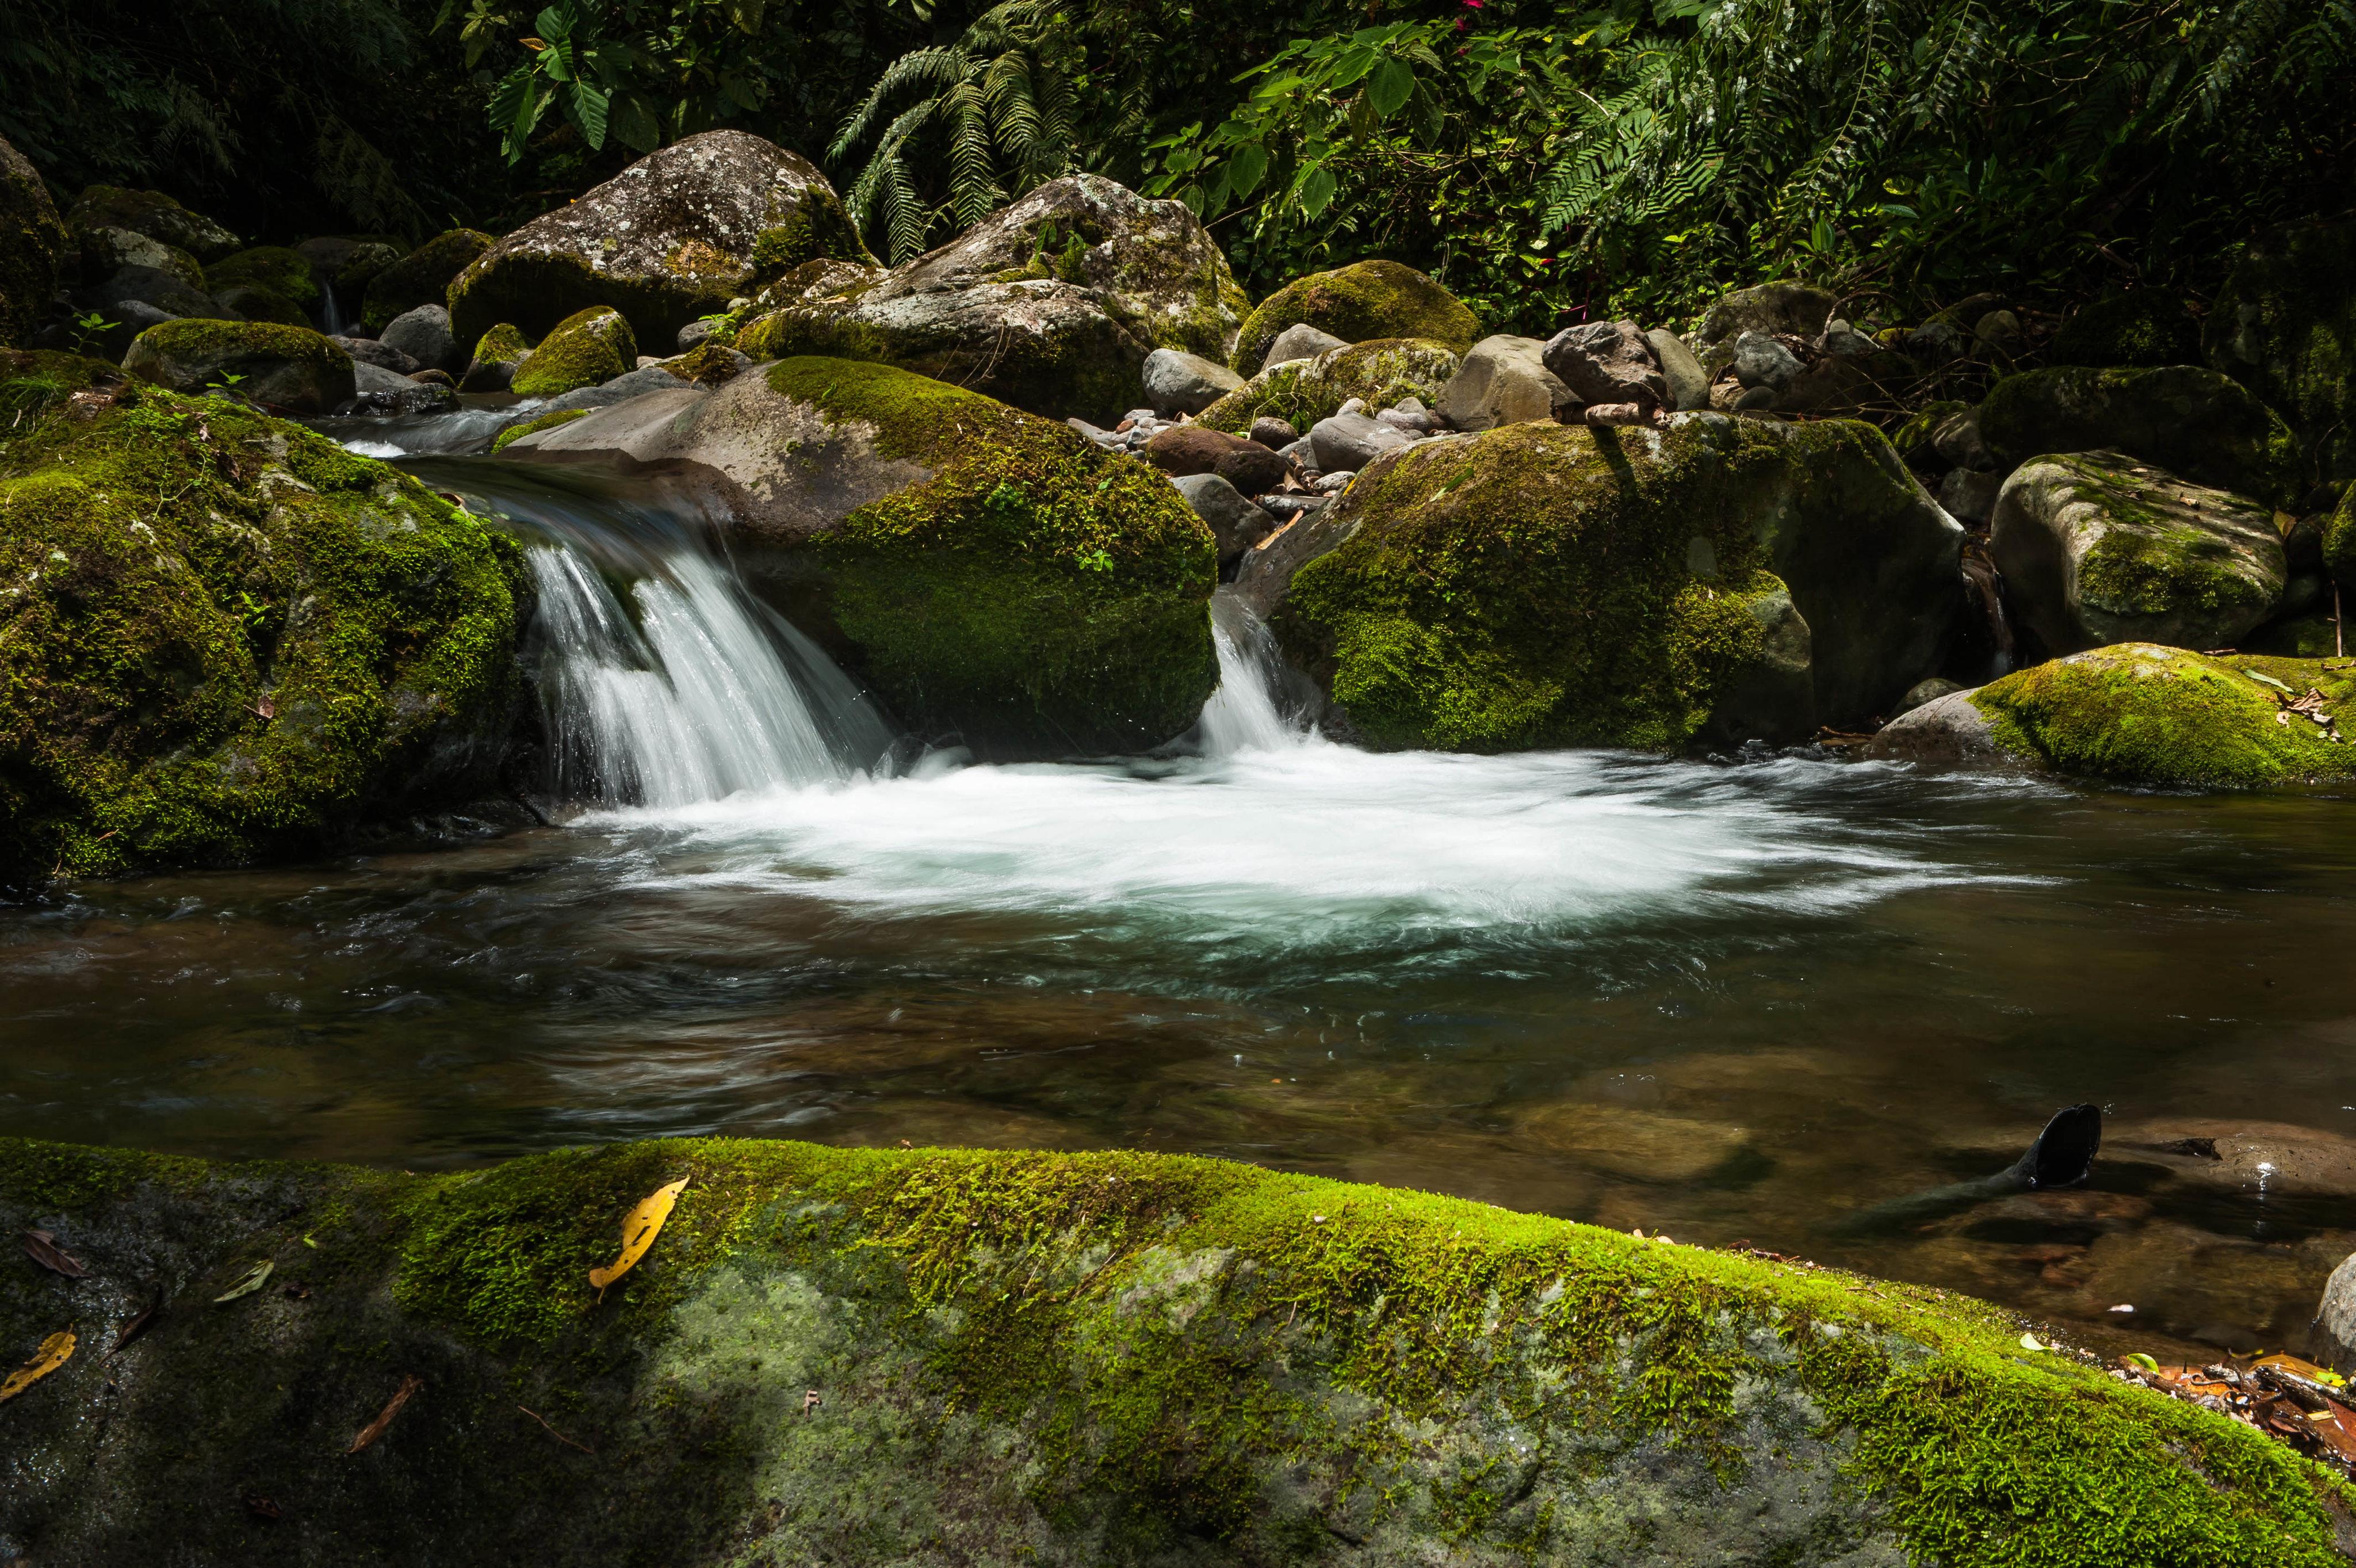 157096 Bildschirmschoner und Hintergrundbilder Pflanzen auf Ihrem Telefon. Laden Sie Pflanzen, Natur, Wasser, Stones, Wasserfall, Moos, Moss Bilder kostenlos herunter